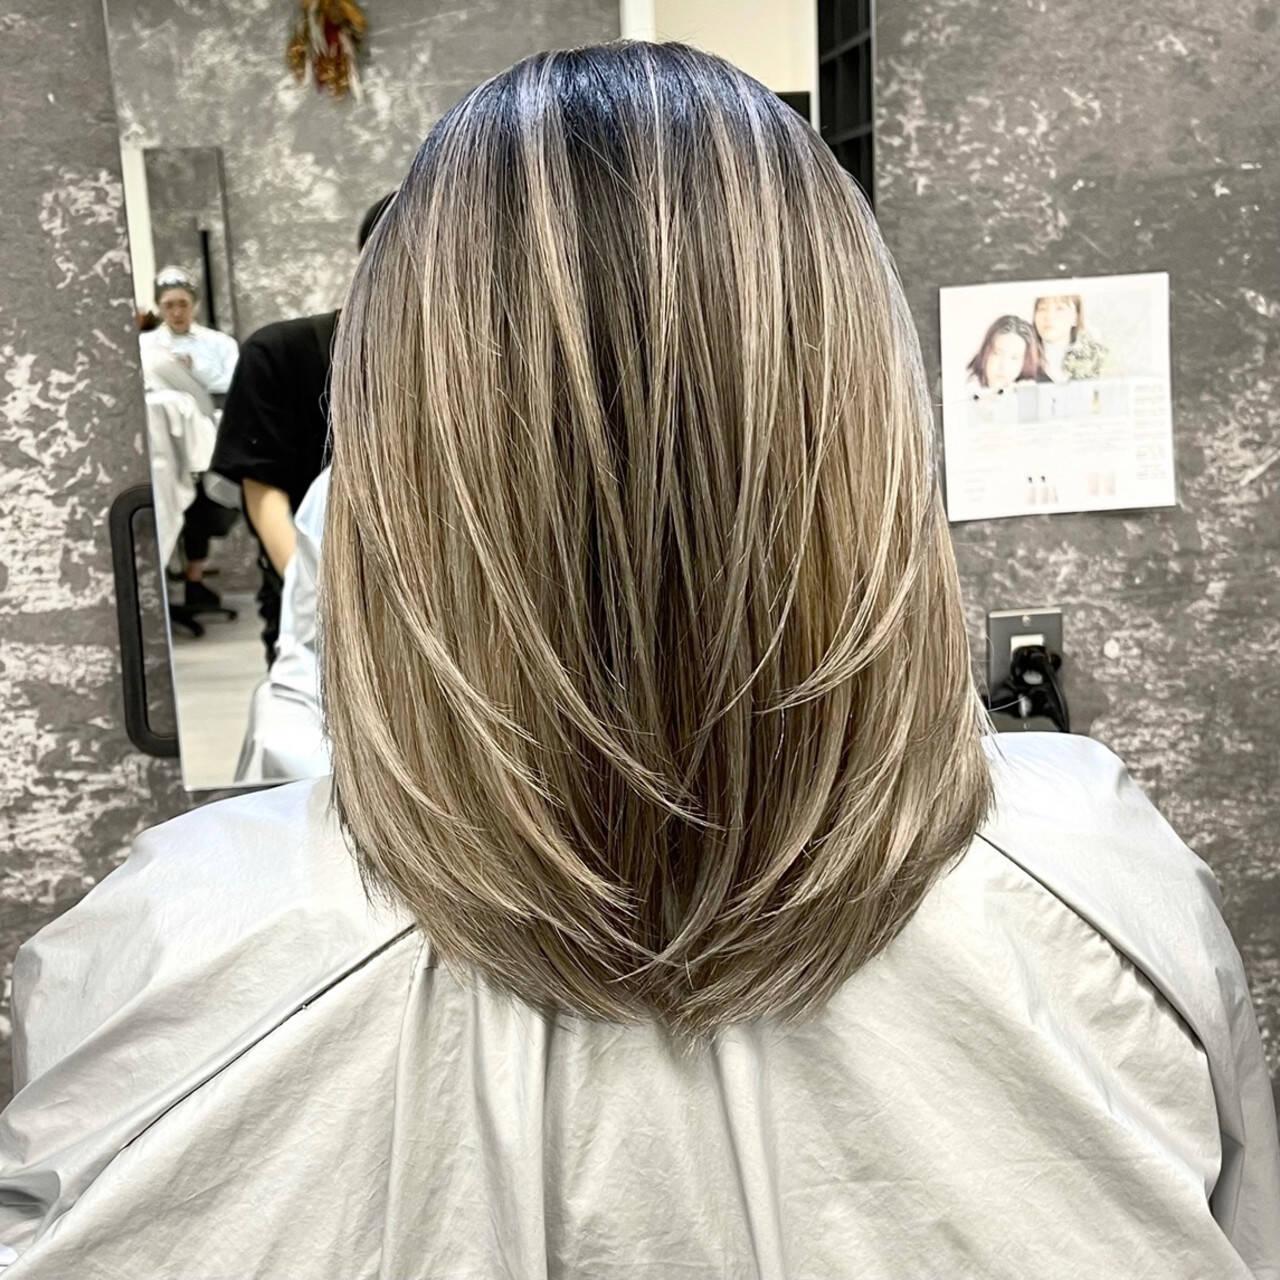 アッシュベージュ 外国人風カラー グレージュ ママヘアスタイルや髪型の写真・画像